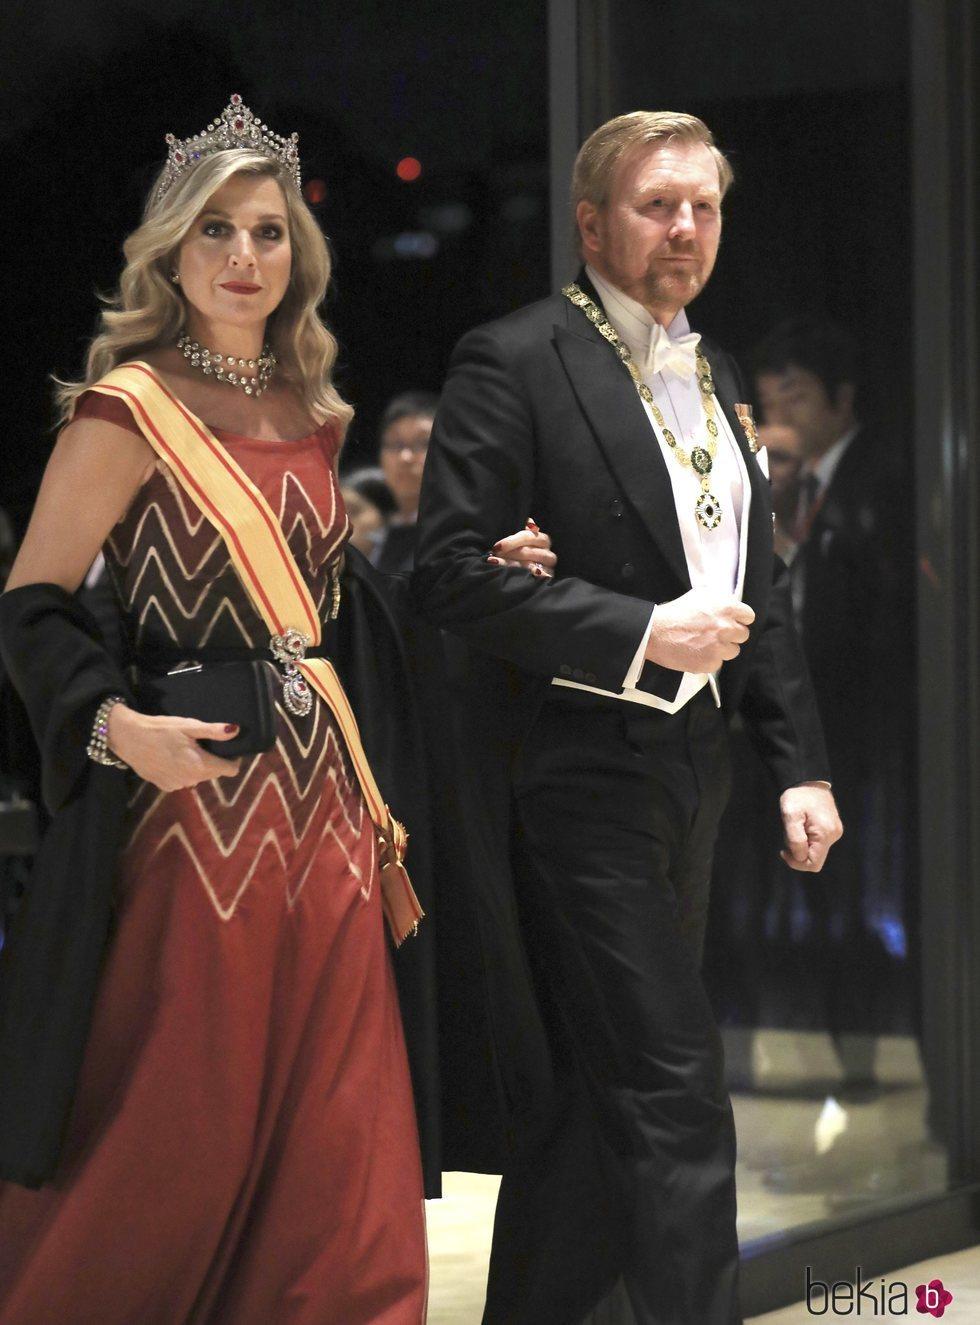 Guillermo Alejandro y Máxima de Holanda en la cena por la entronización de Naruhito de Japón